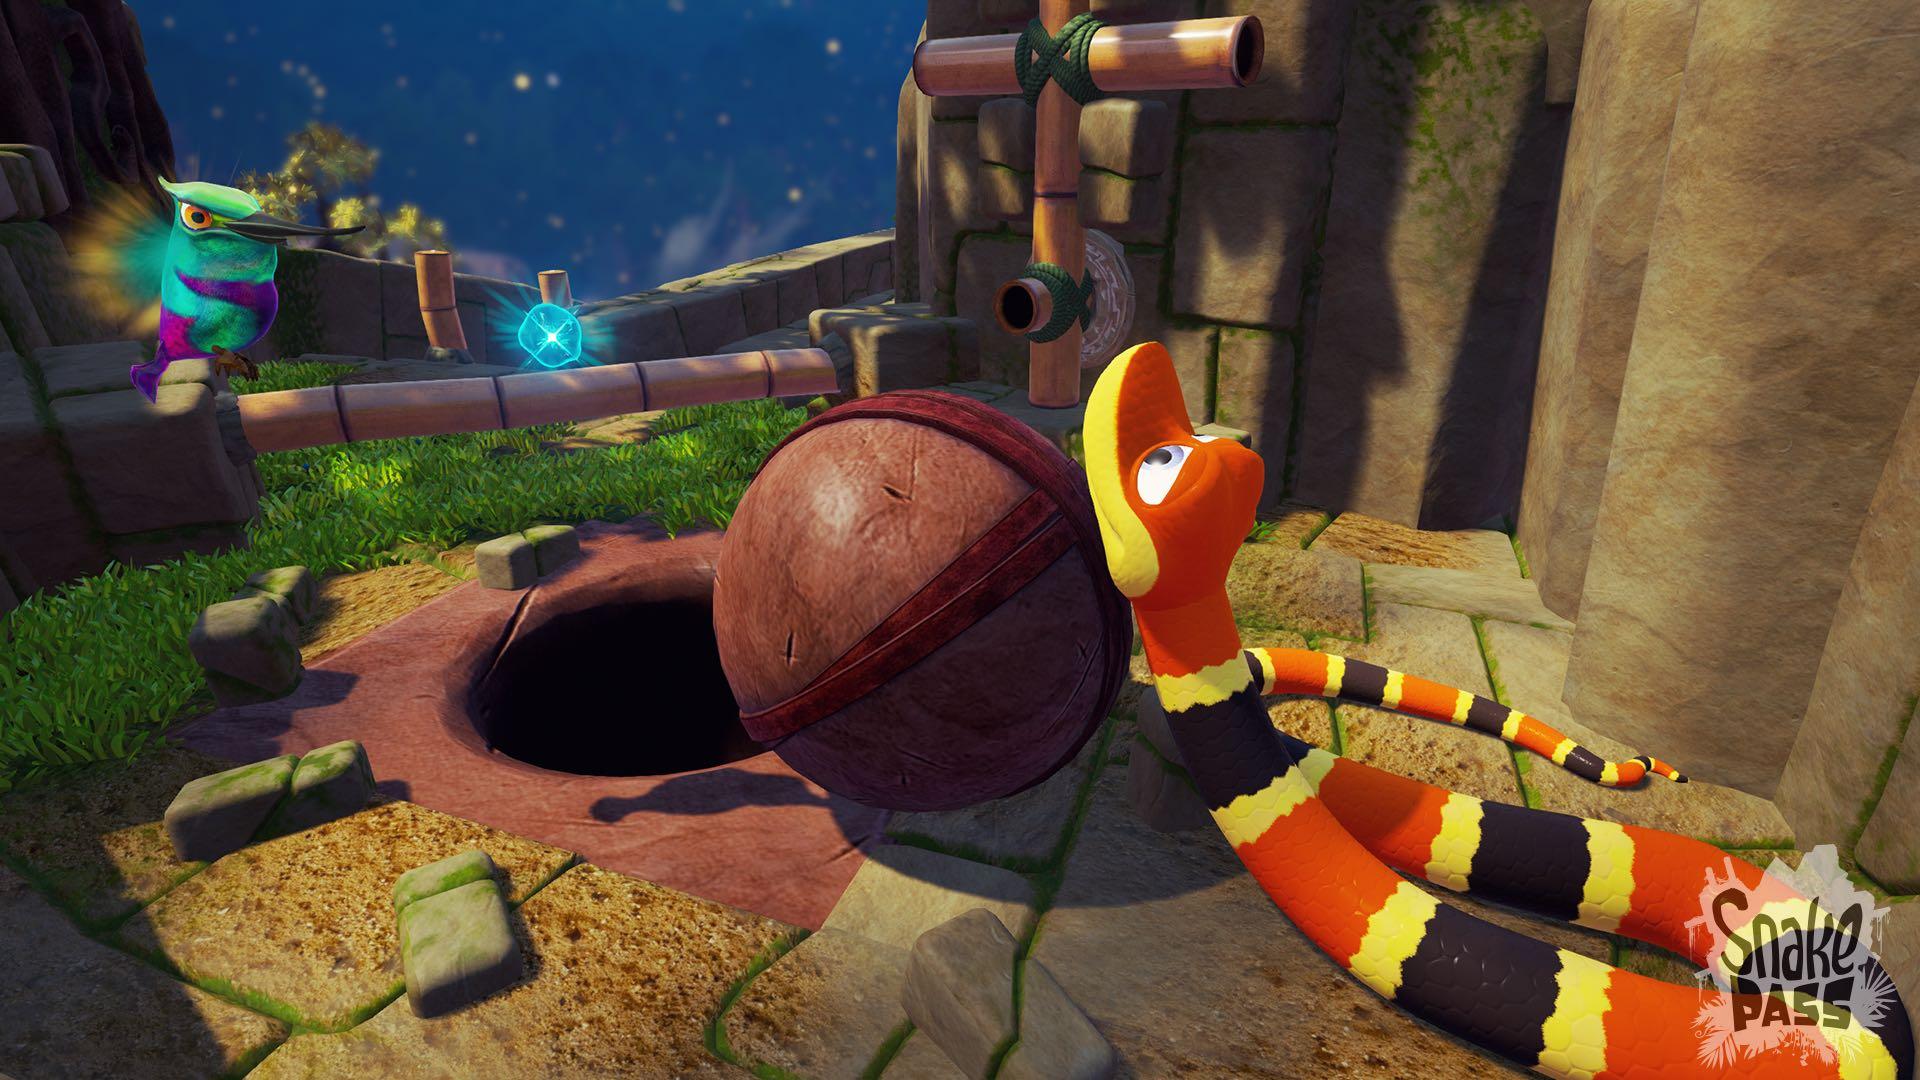 Snake Pass Earth Screenshot